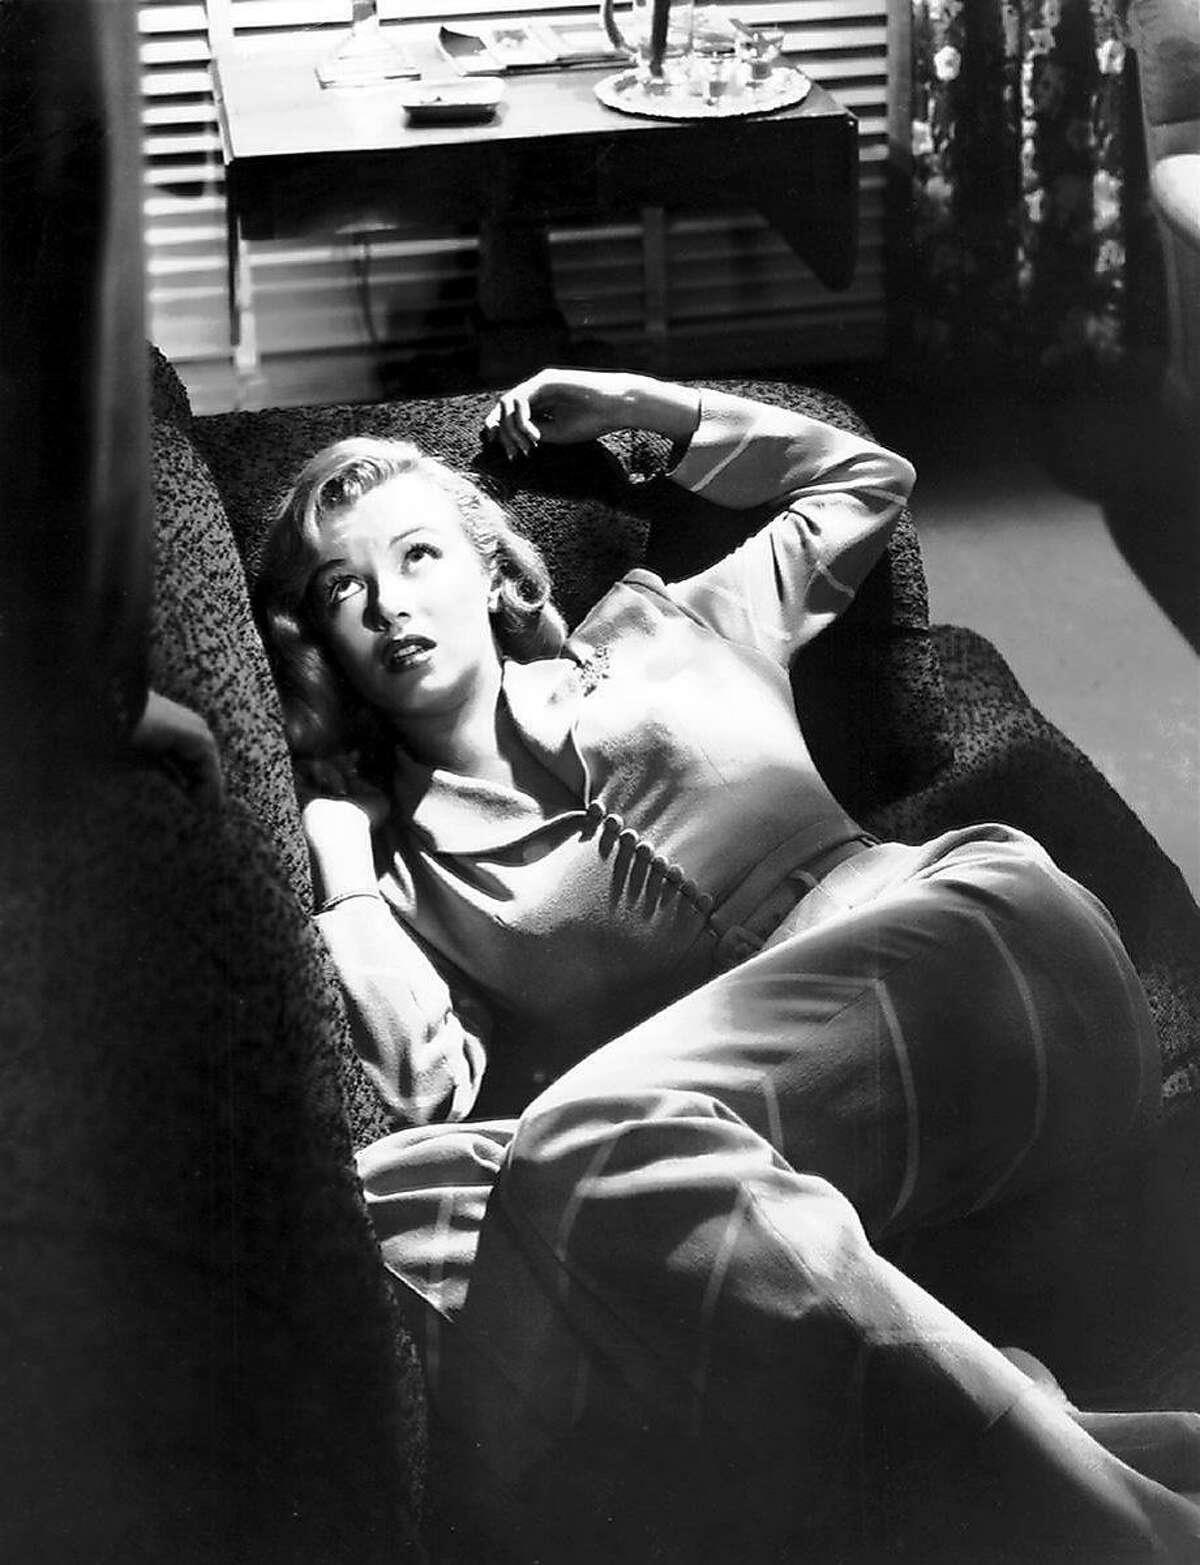 Marilyn Monroe stars in John Huston's